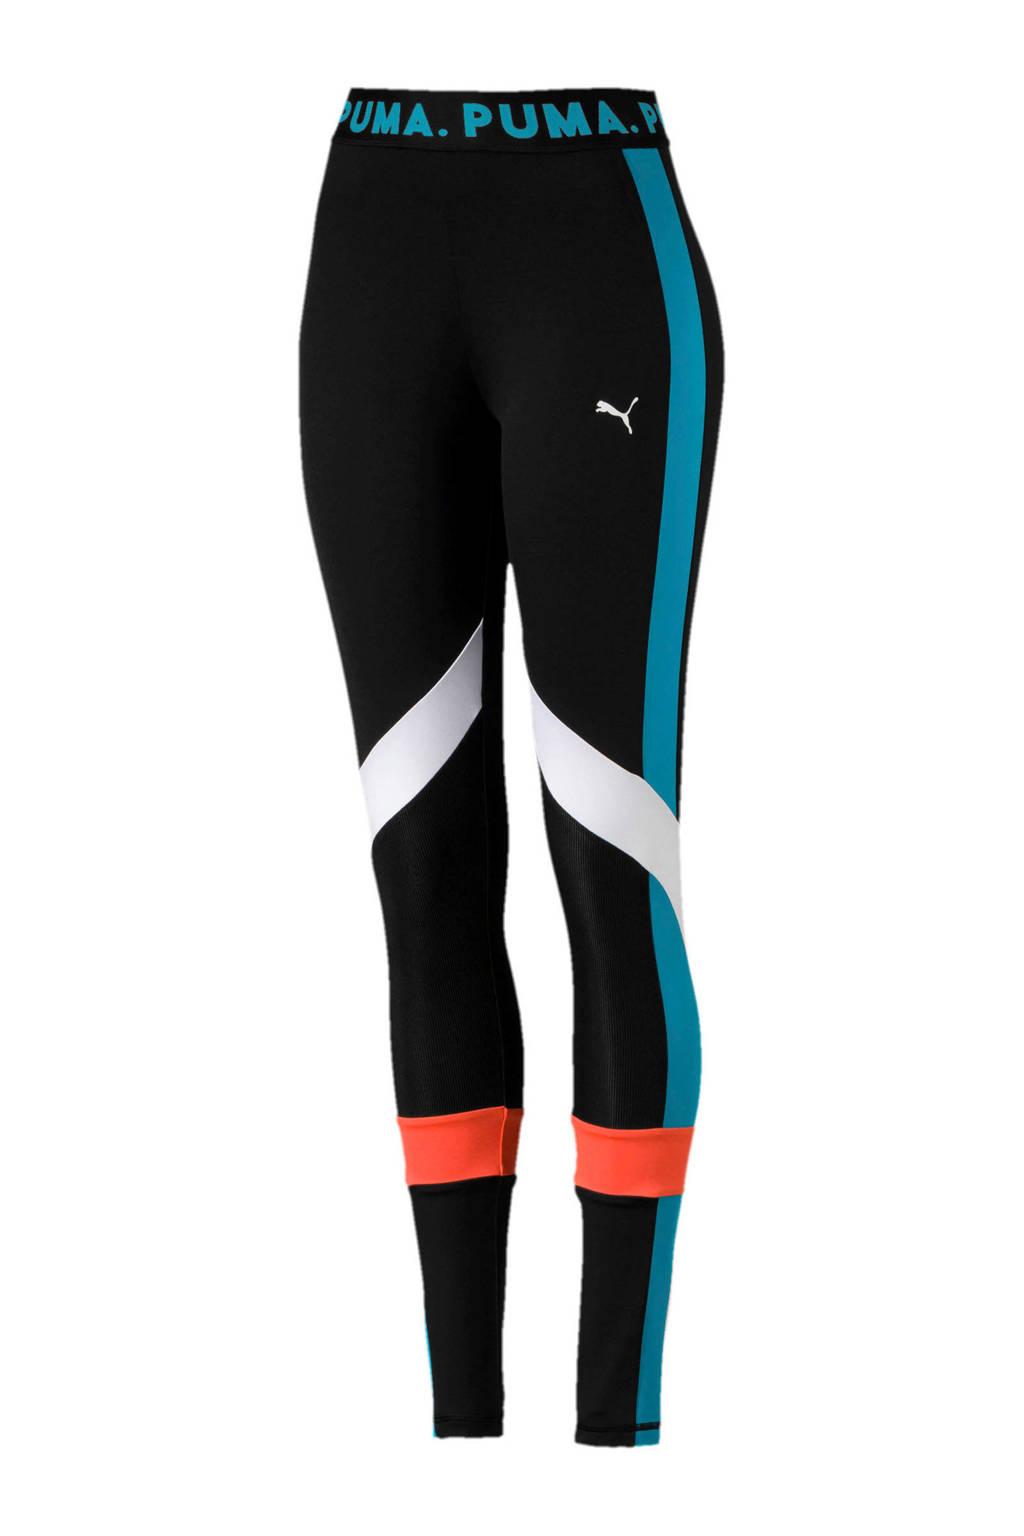 Puma legging zwart/blauw/wit/roze, Zwart/blauw/wit